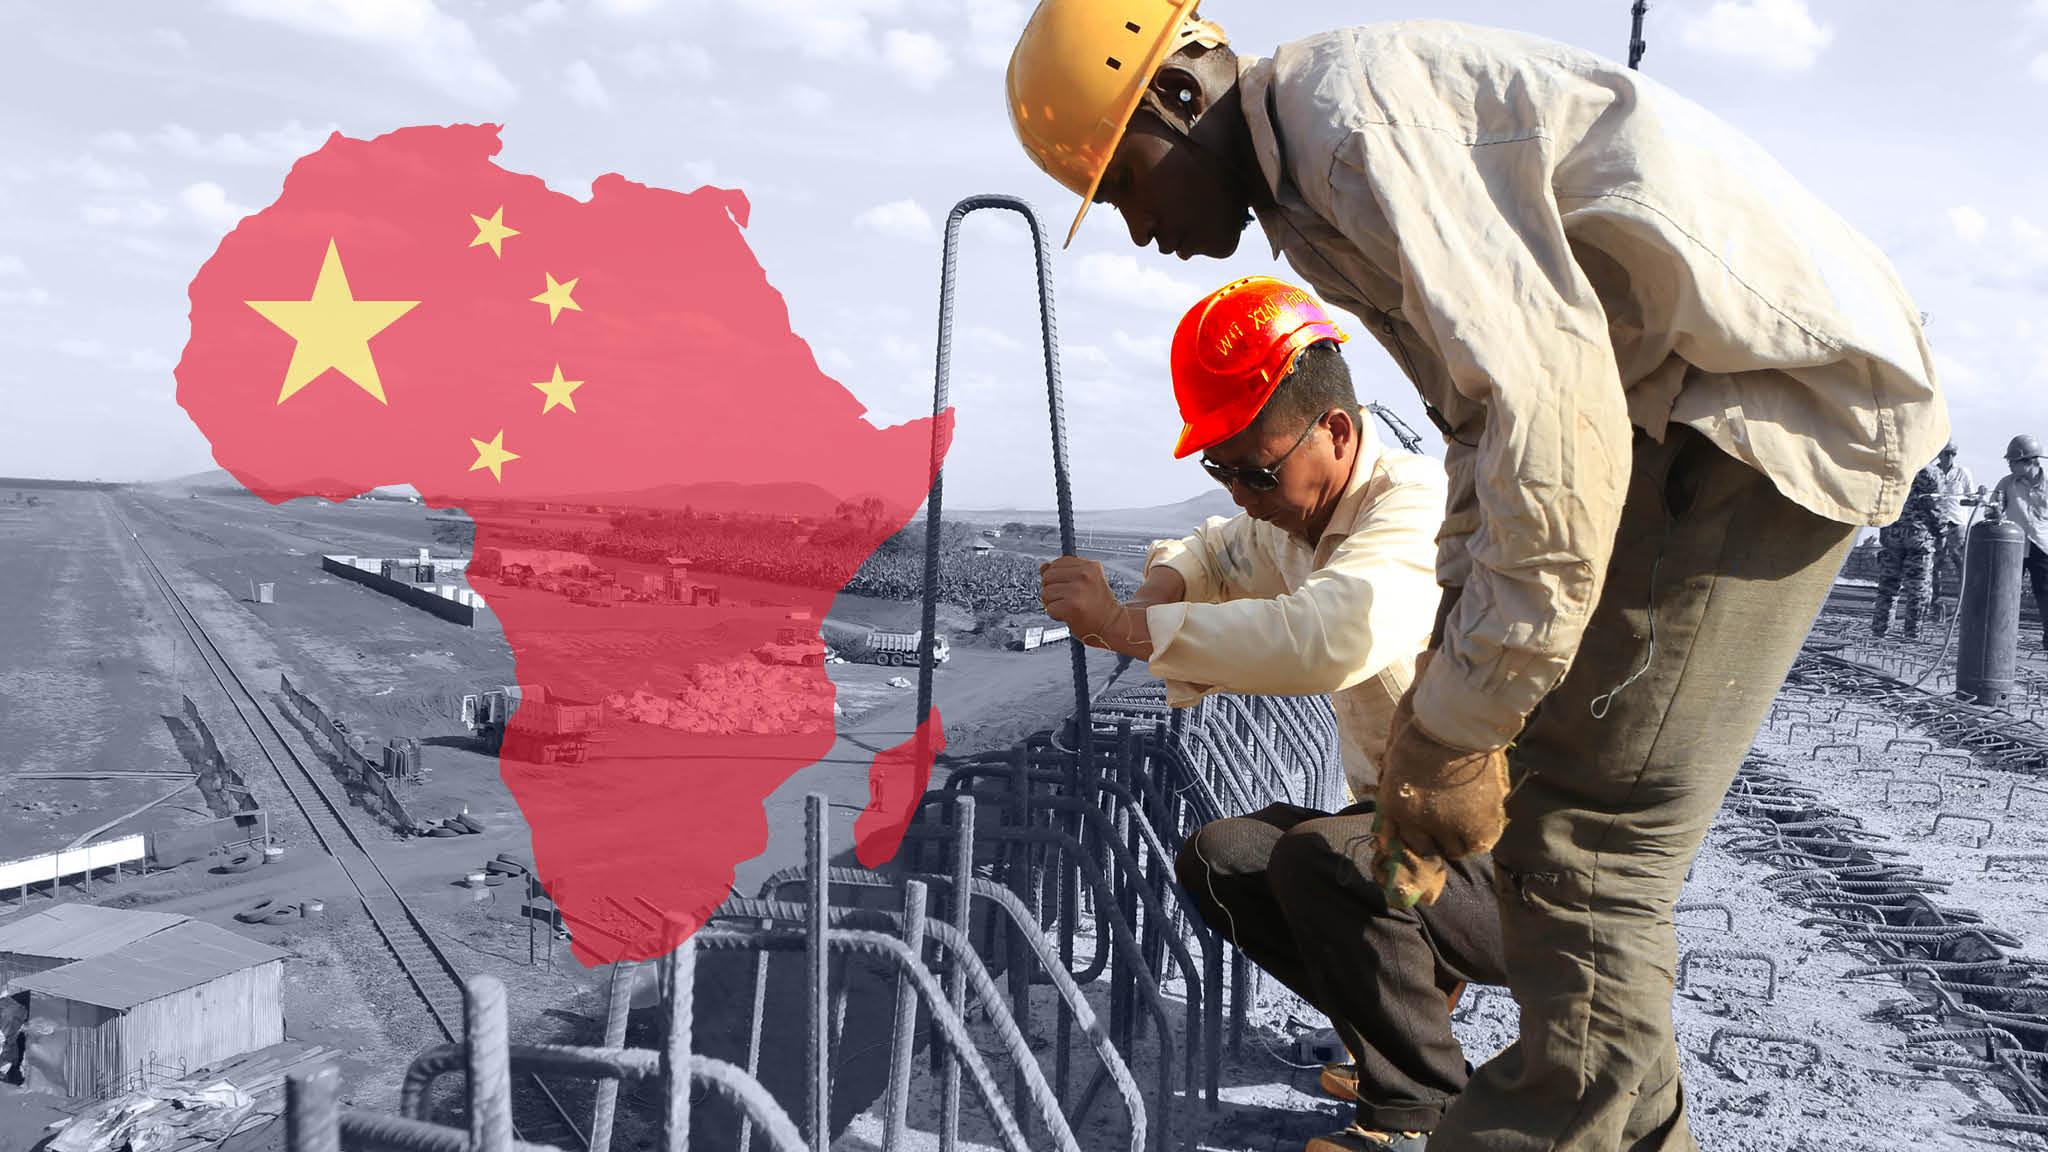 """Résultat de recherche d'images pour """"china, africa, new development projects, 2016, 2017"""""""